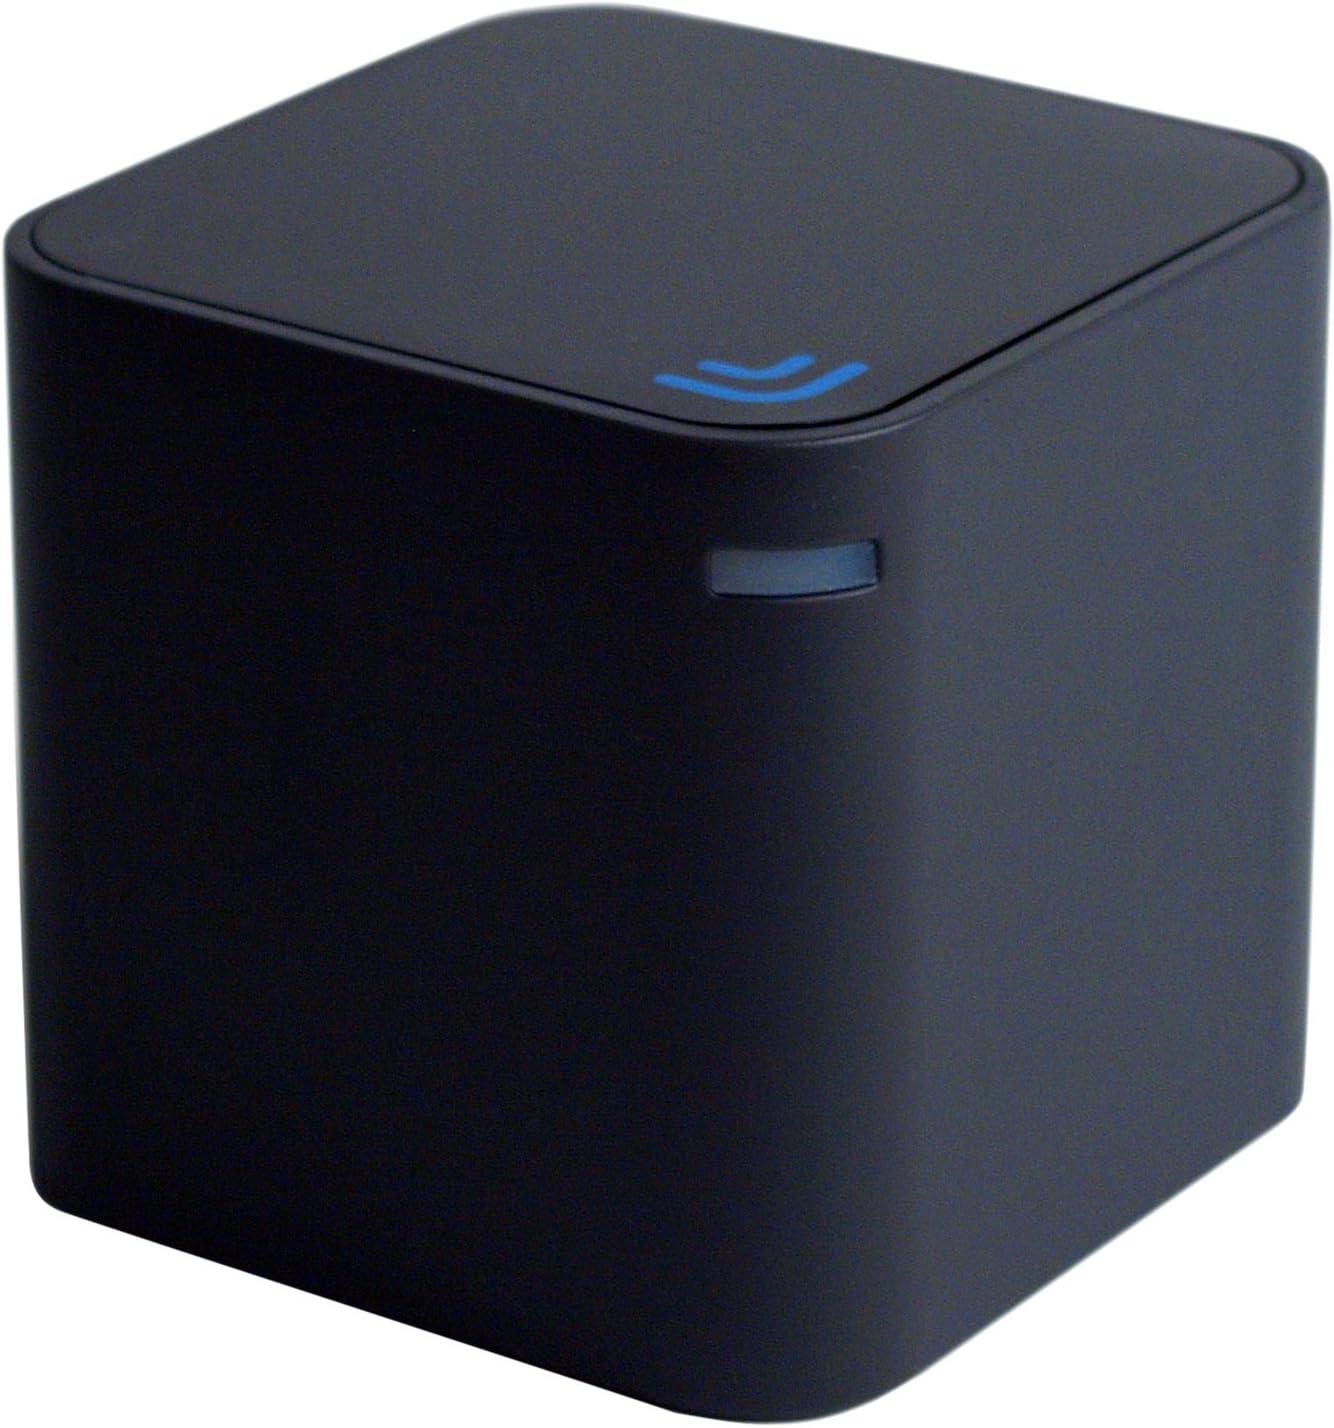 iRobot 4409704 - Cubo de navegación para Braava 320: Amazon.es: Hogar